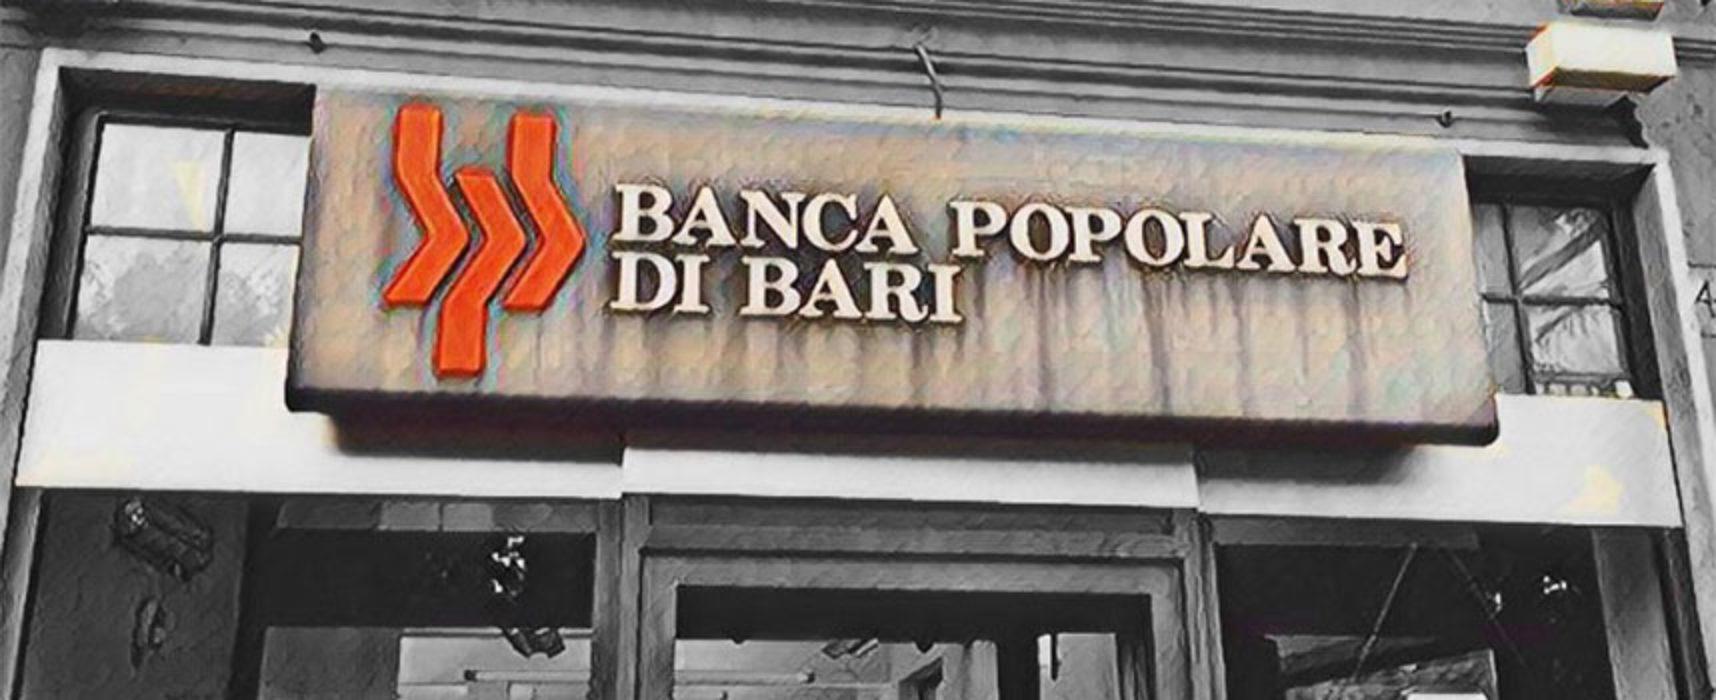 Nomine cda Banca Popolare di Bari, Fratelli d'Italia tira in ballo Cozzoli e Boccia